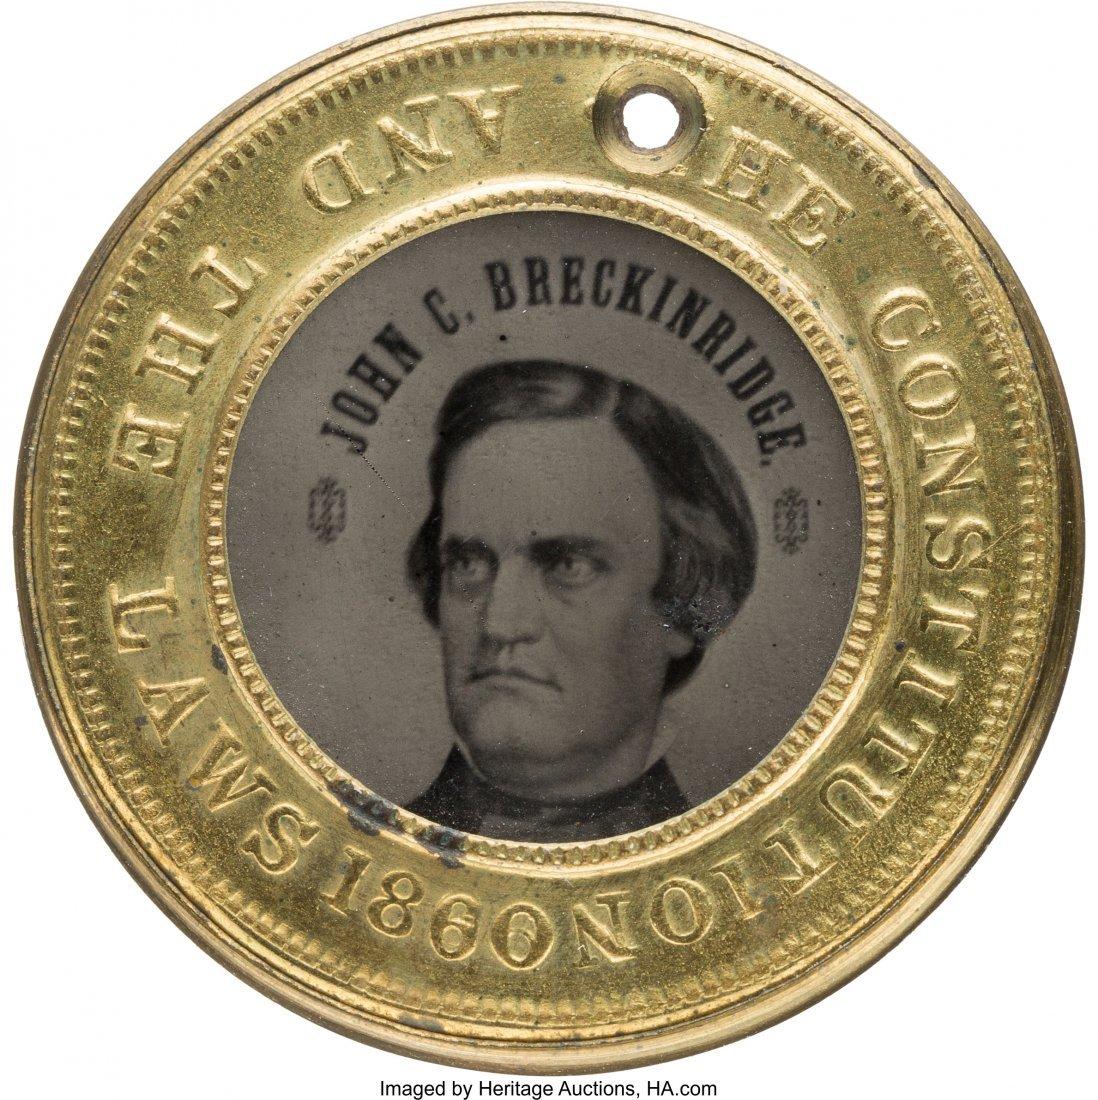 43209: John C. Breckinridge: Gorgeous Back-to-Back Ferr